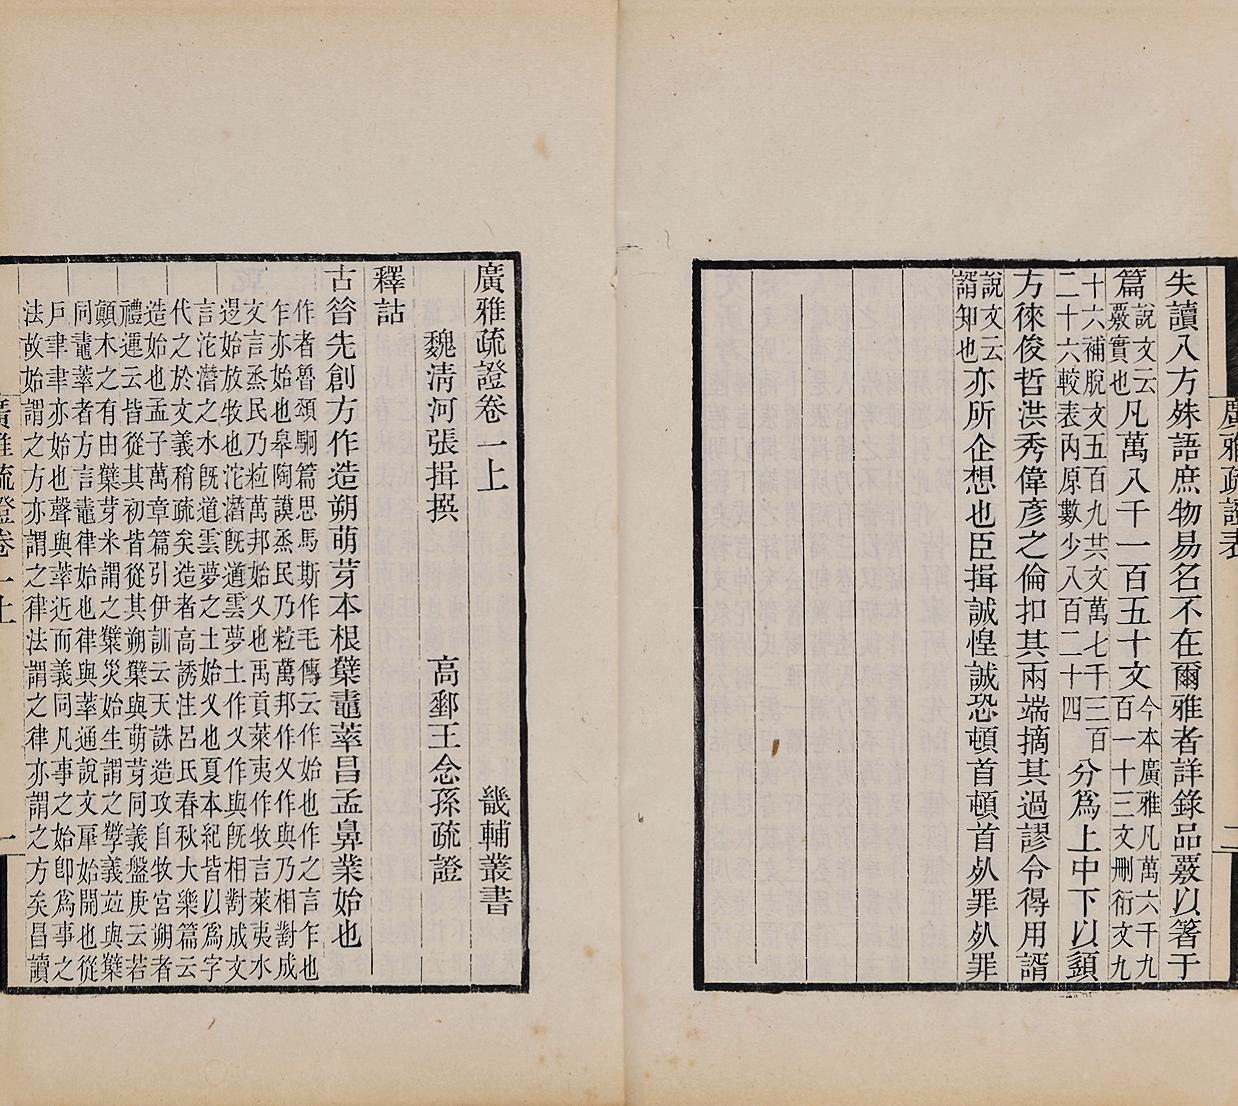 2427 广雅疏证十卷 魏张揖撰,清王念孙疏证图片